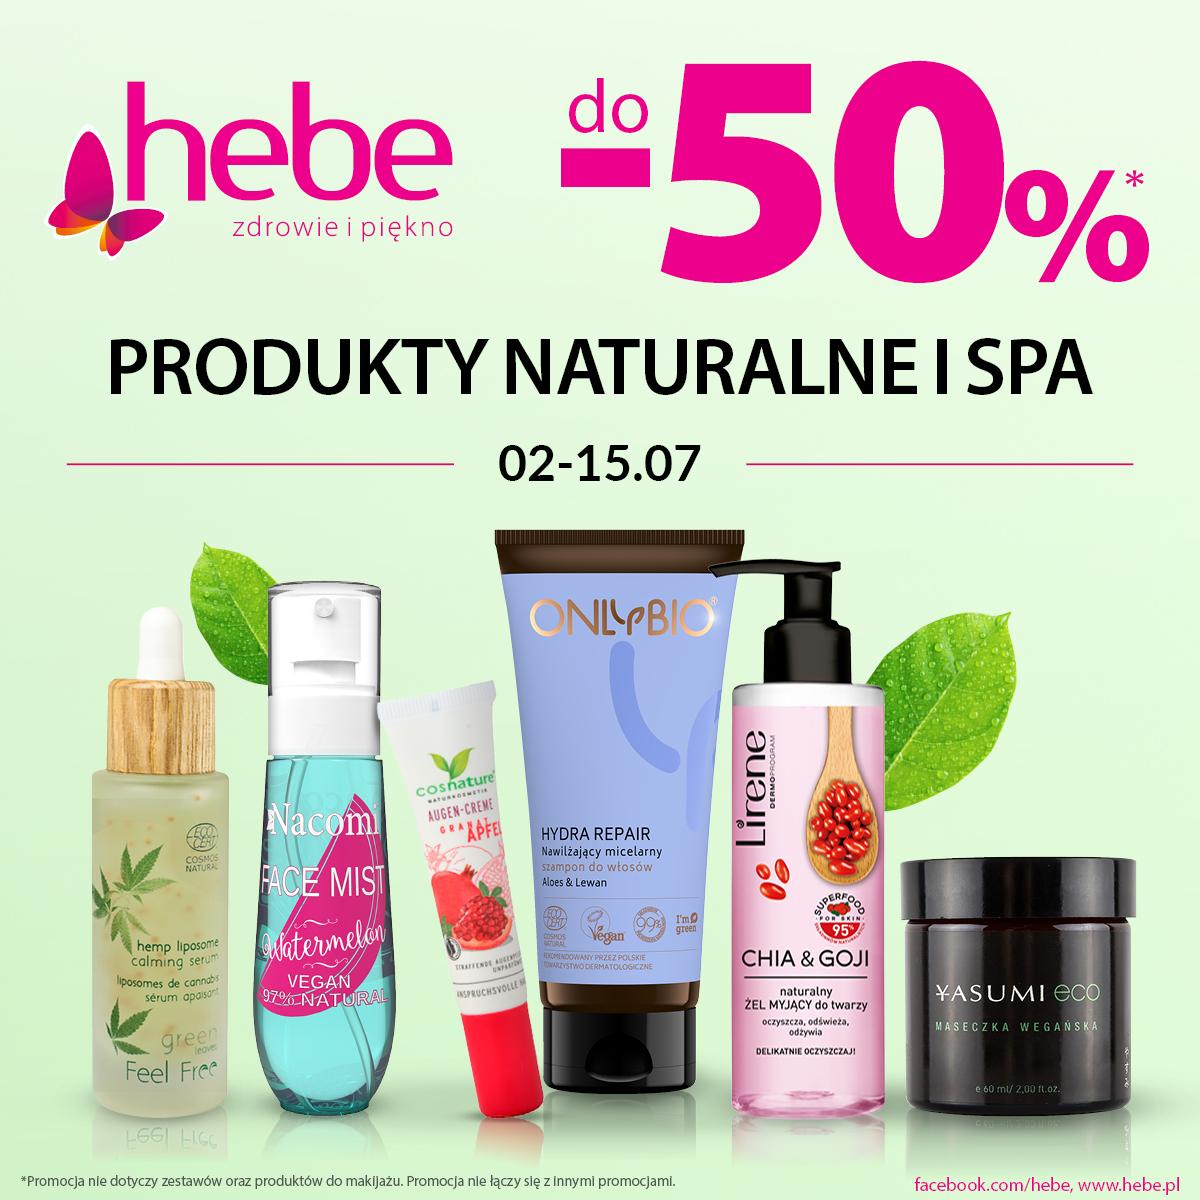 PRODUKTY NATURALNE I SPA do -50% taniej